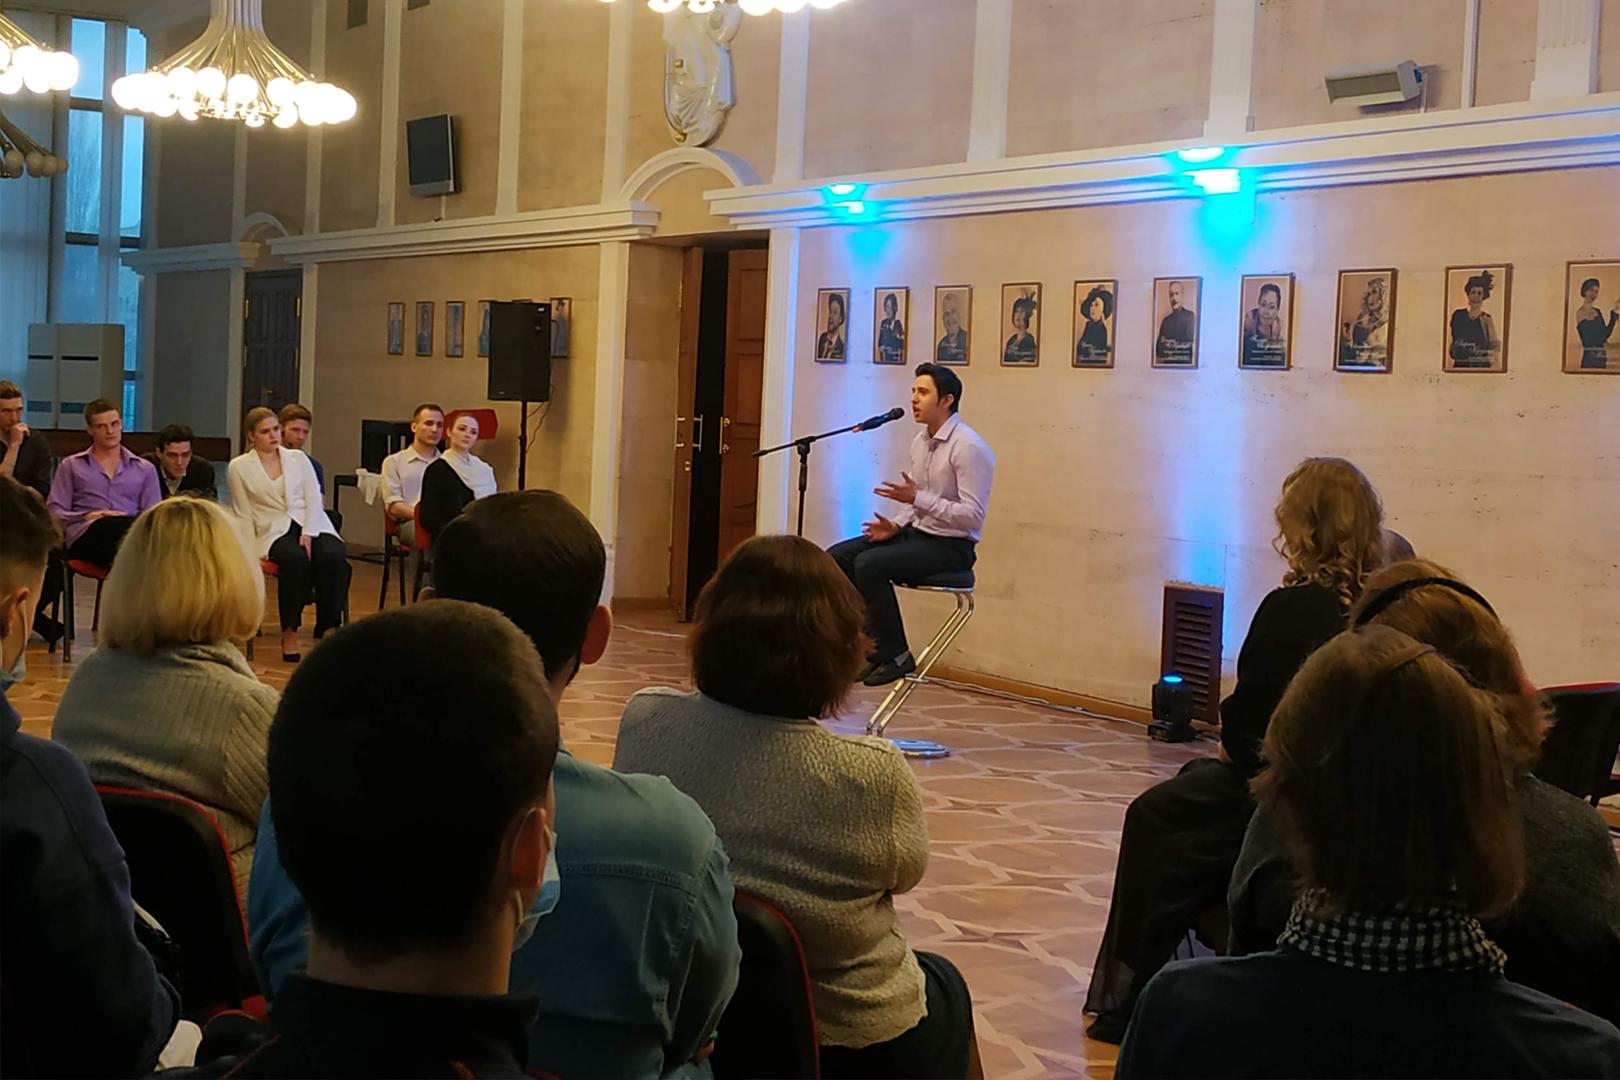 Состоялась первая в этом году встреча в рамках проекта «Культурная среда», посвящённая творчеству Ивана Вырыпаева.